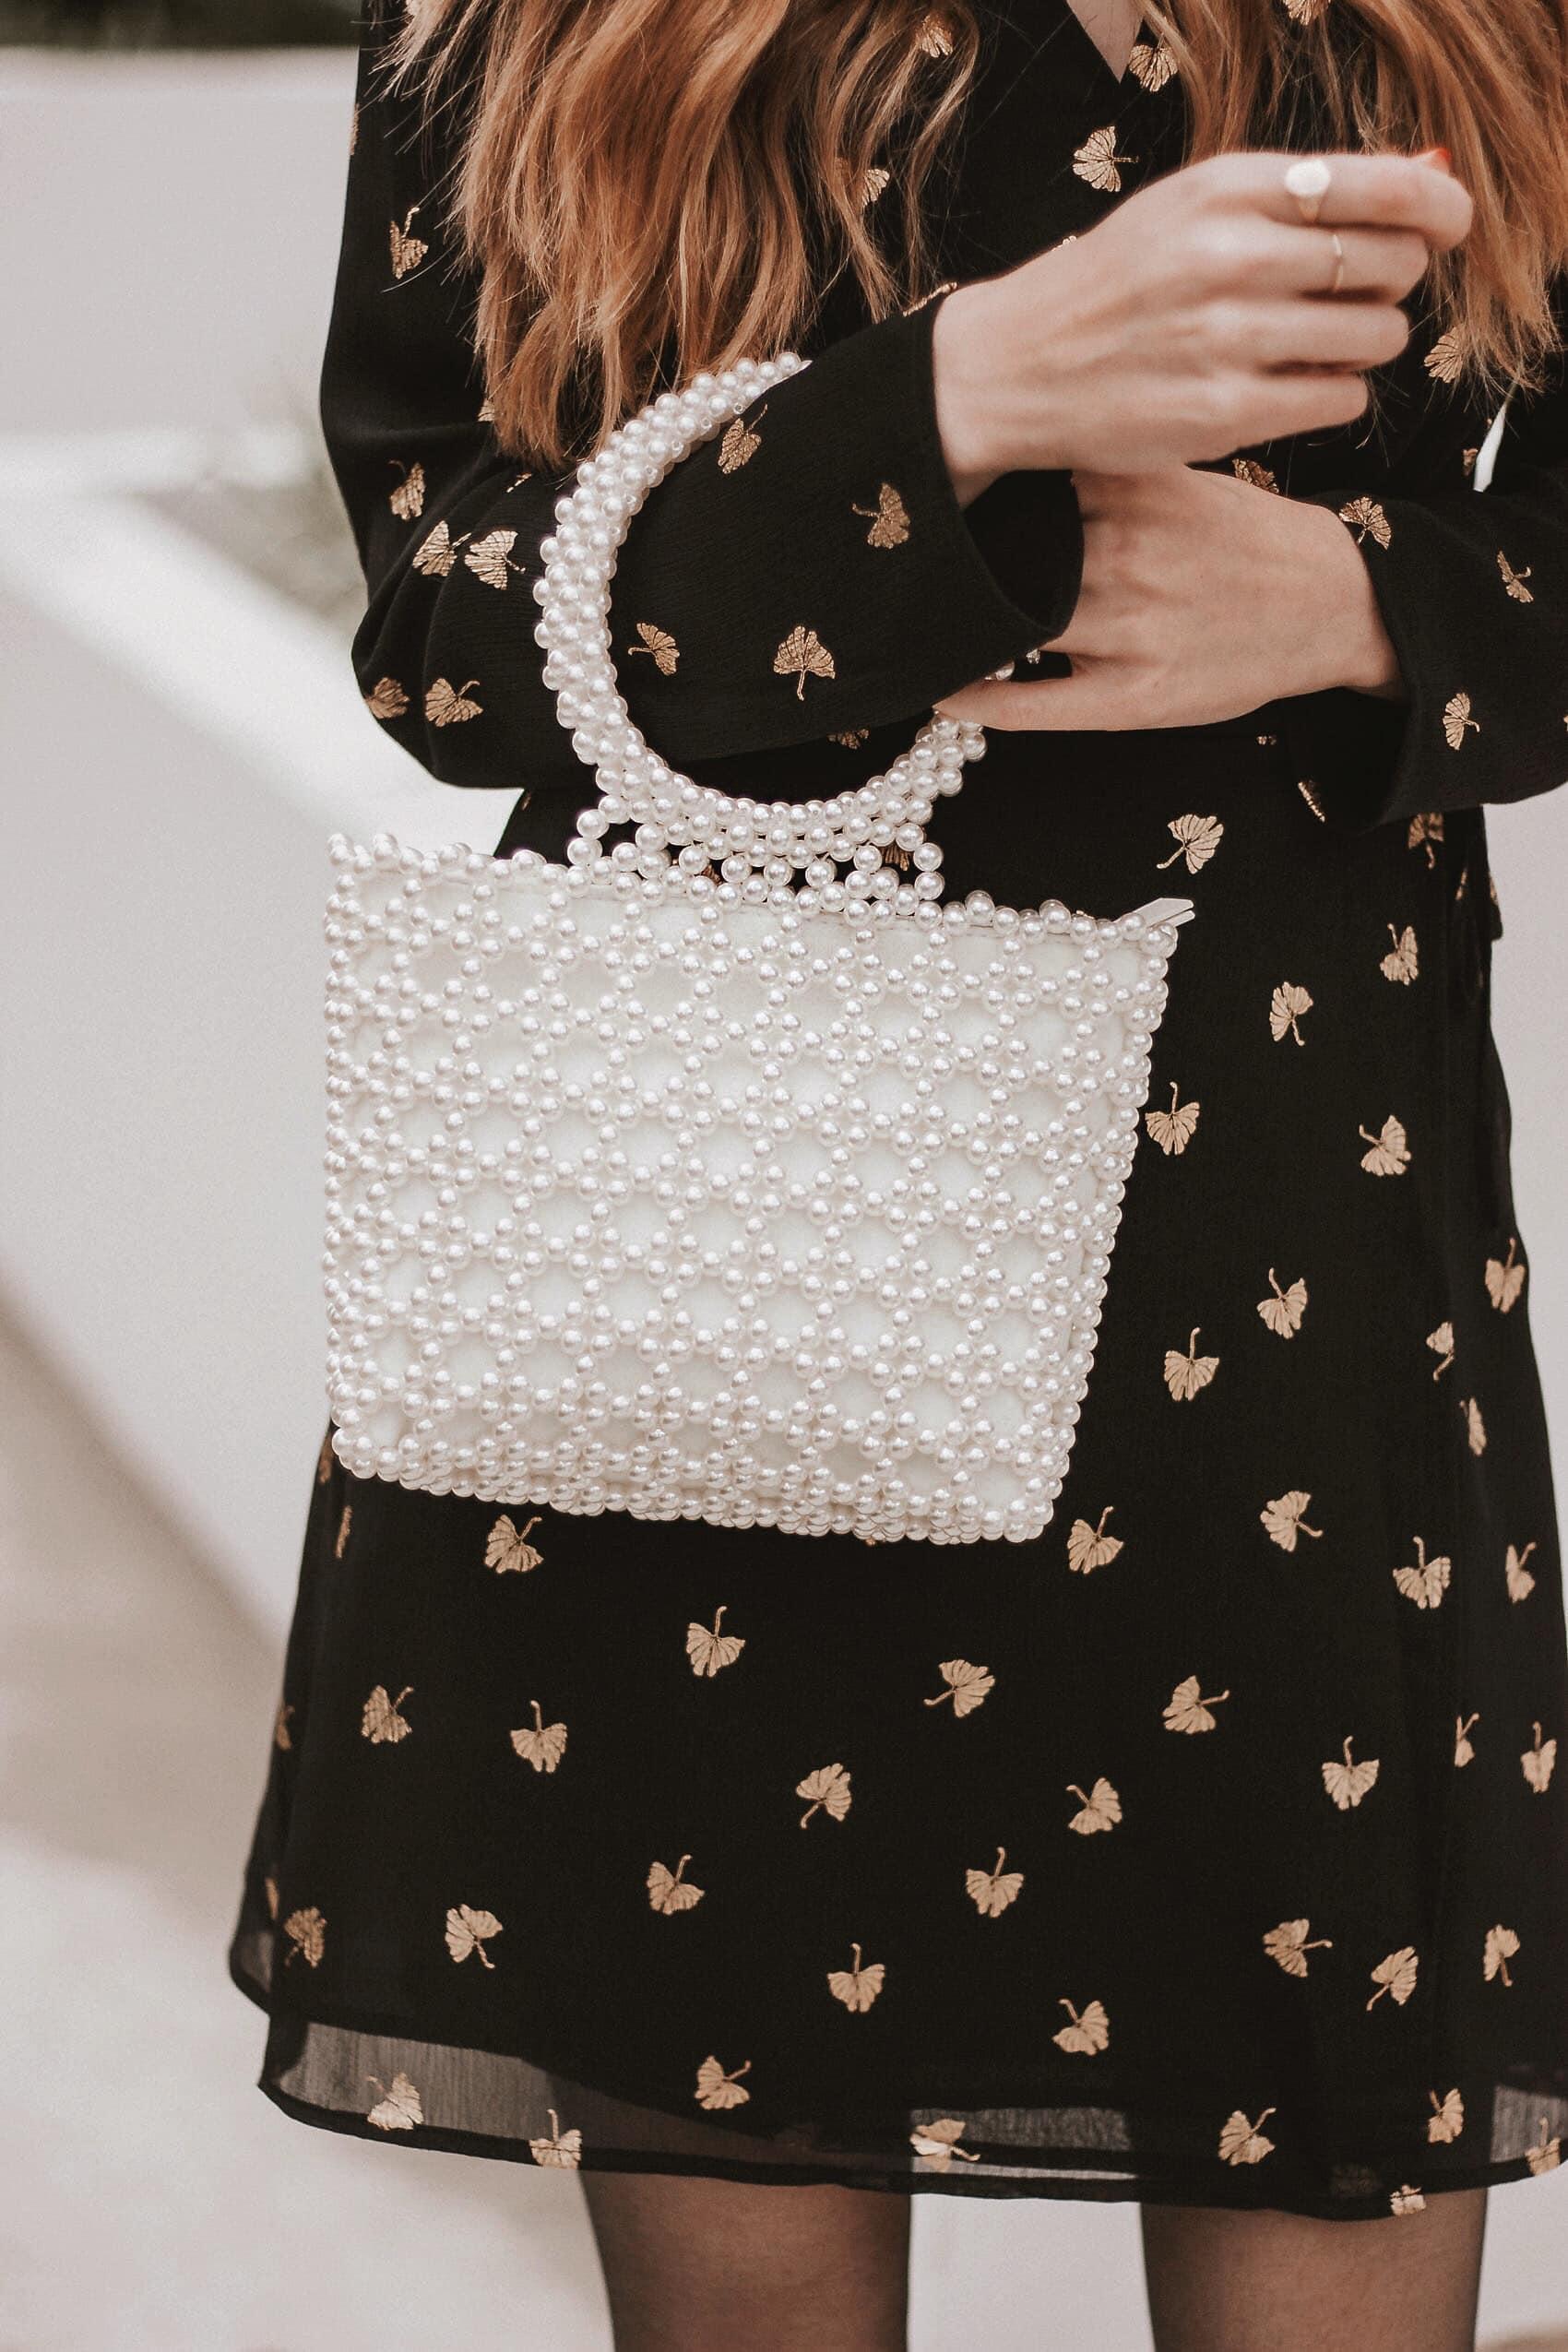 Vintage Inspired Pearl Bag Topshop, Shrimps Bag Dupe